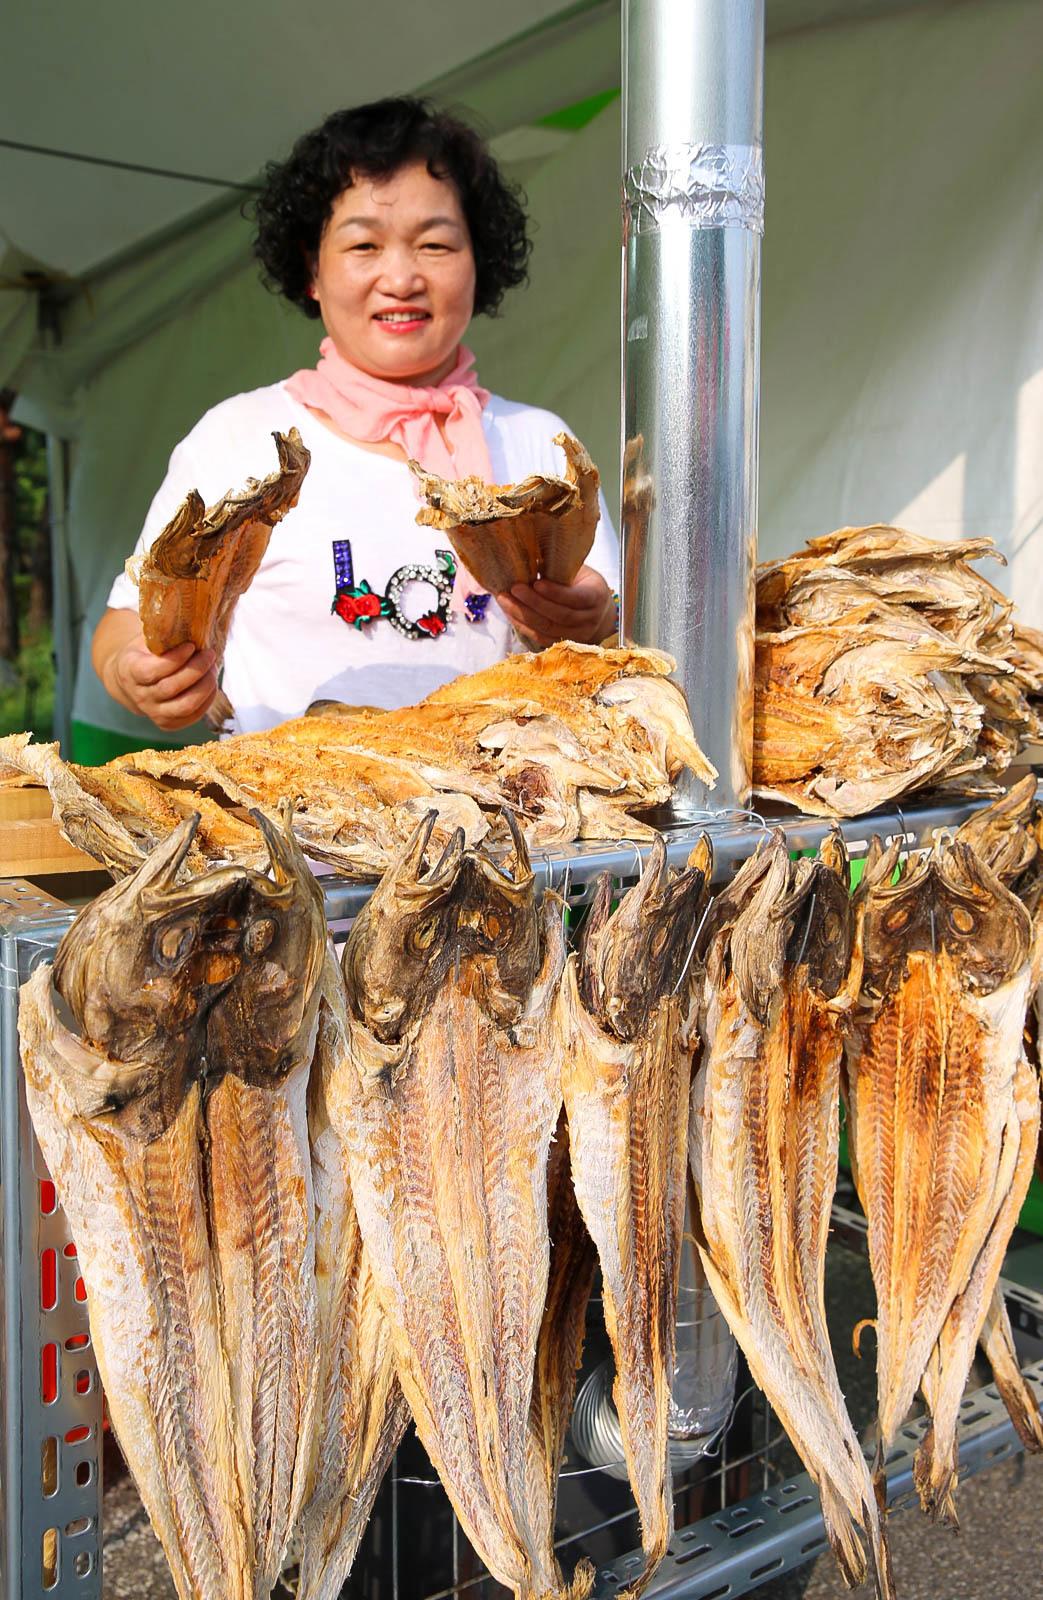 10일 전북 전주종합경기장에서 열린 가맥축제에 참여한 한 업체에서 황태를 팔고 있다. 프리랜서 장정필